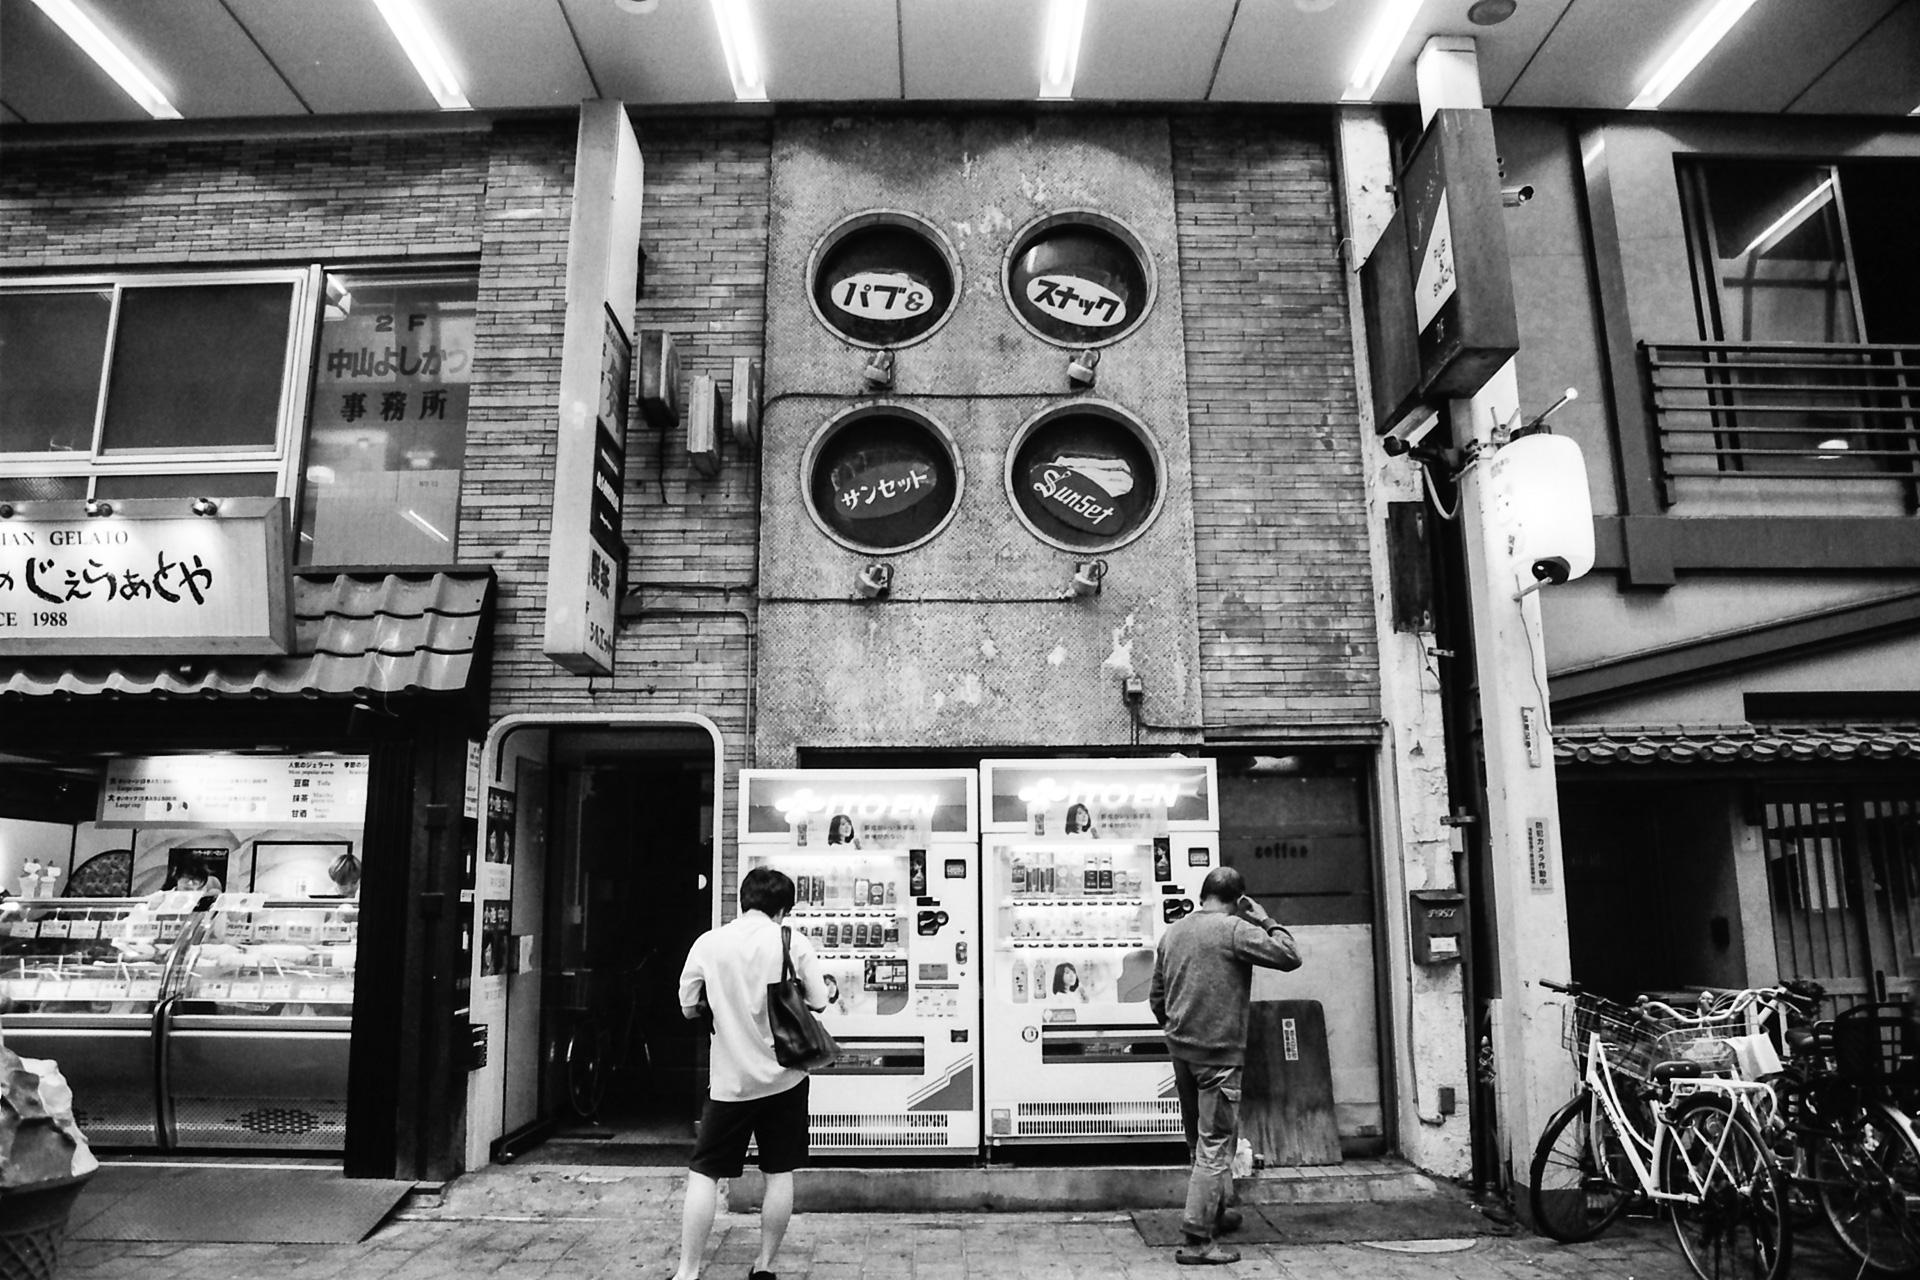 浅草の商店街 Canon EOS-1, EF 17-40mm F4L USM, Rollei RPX 400